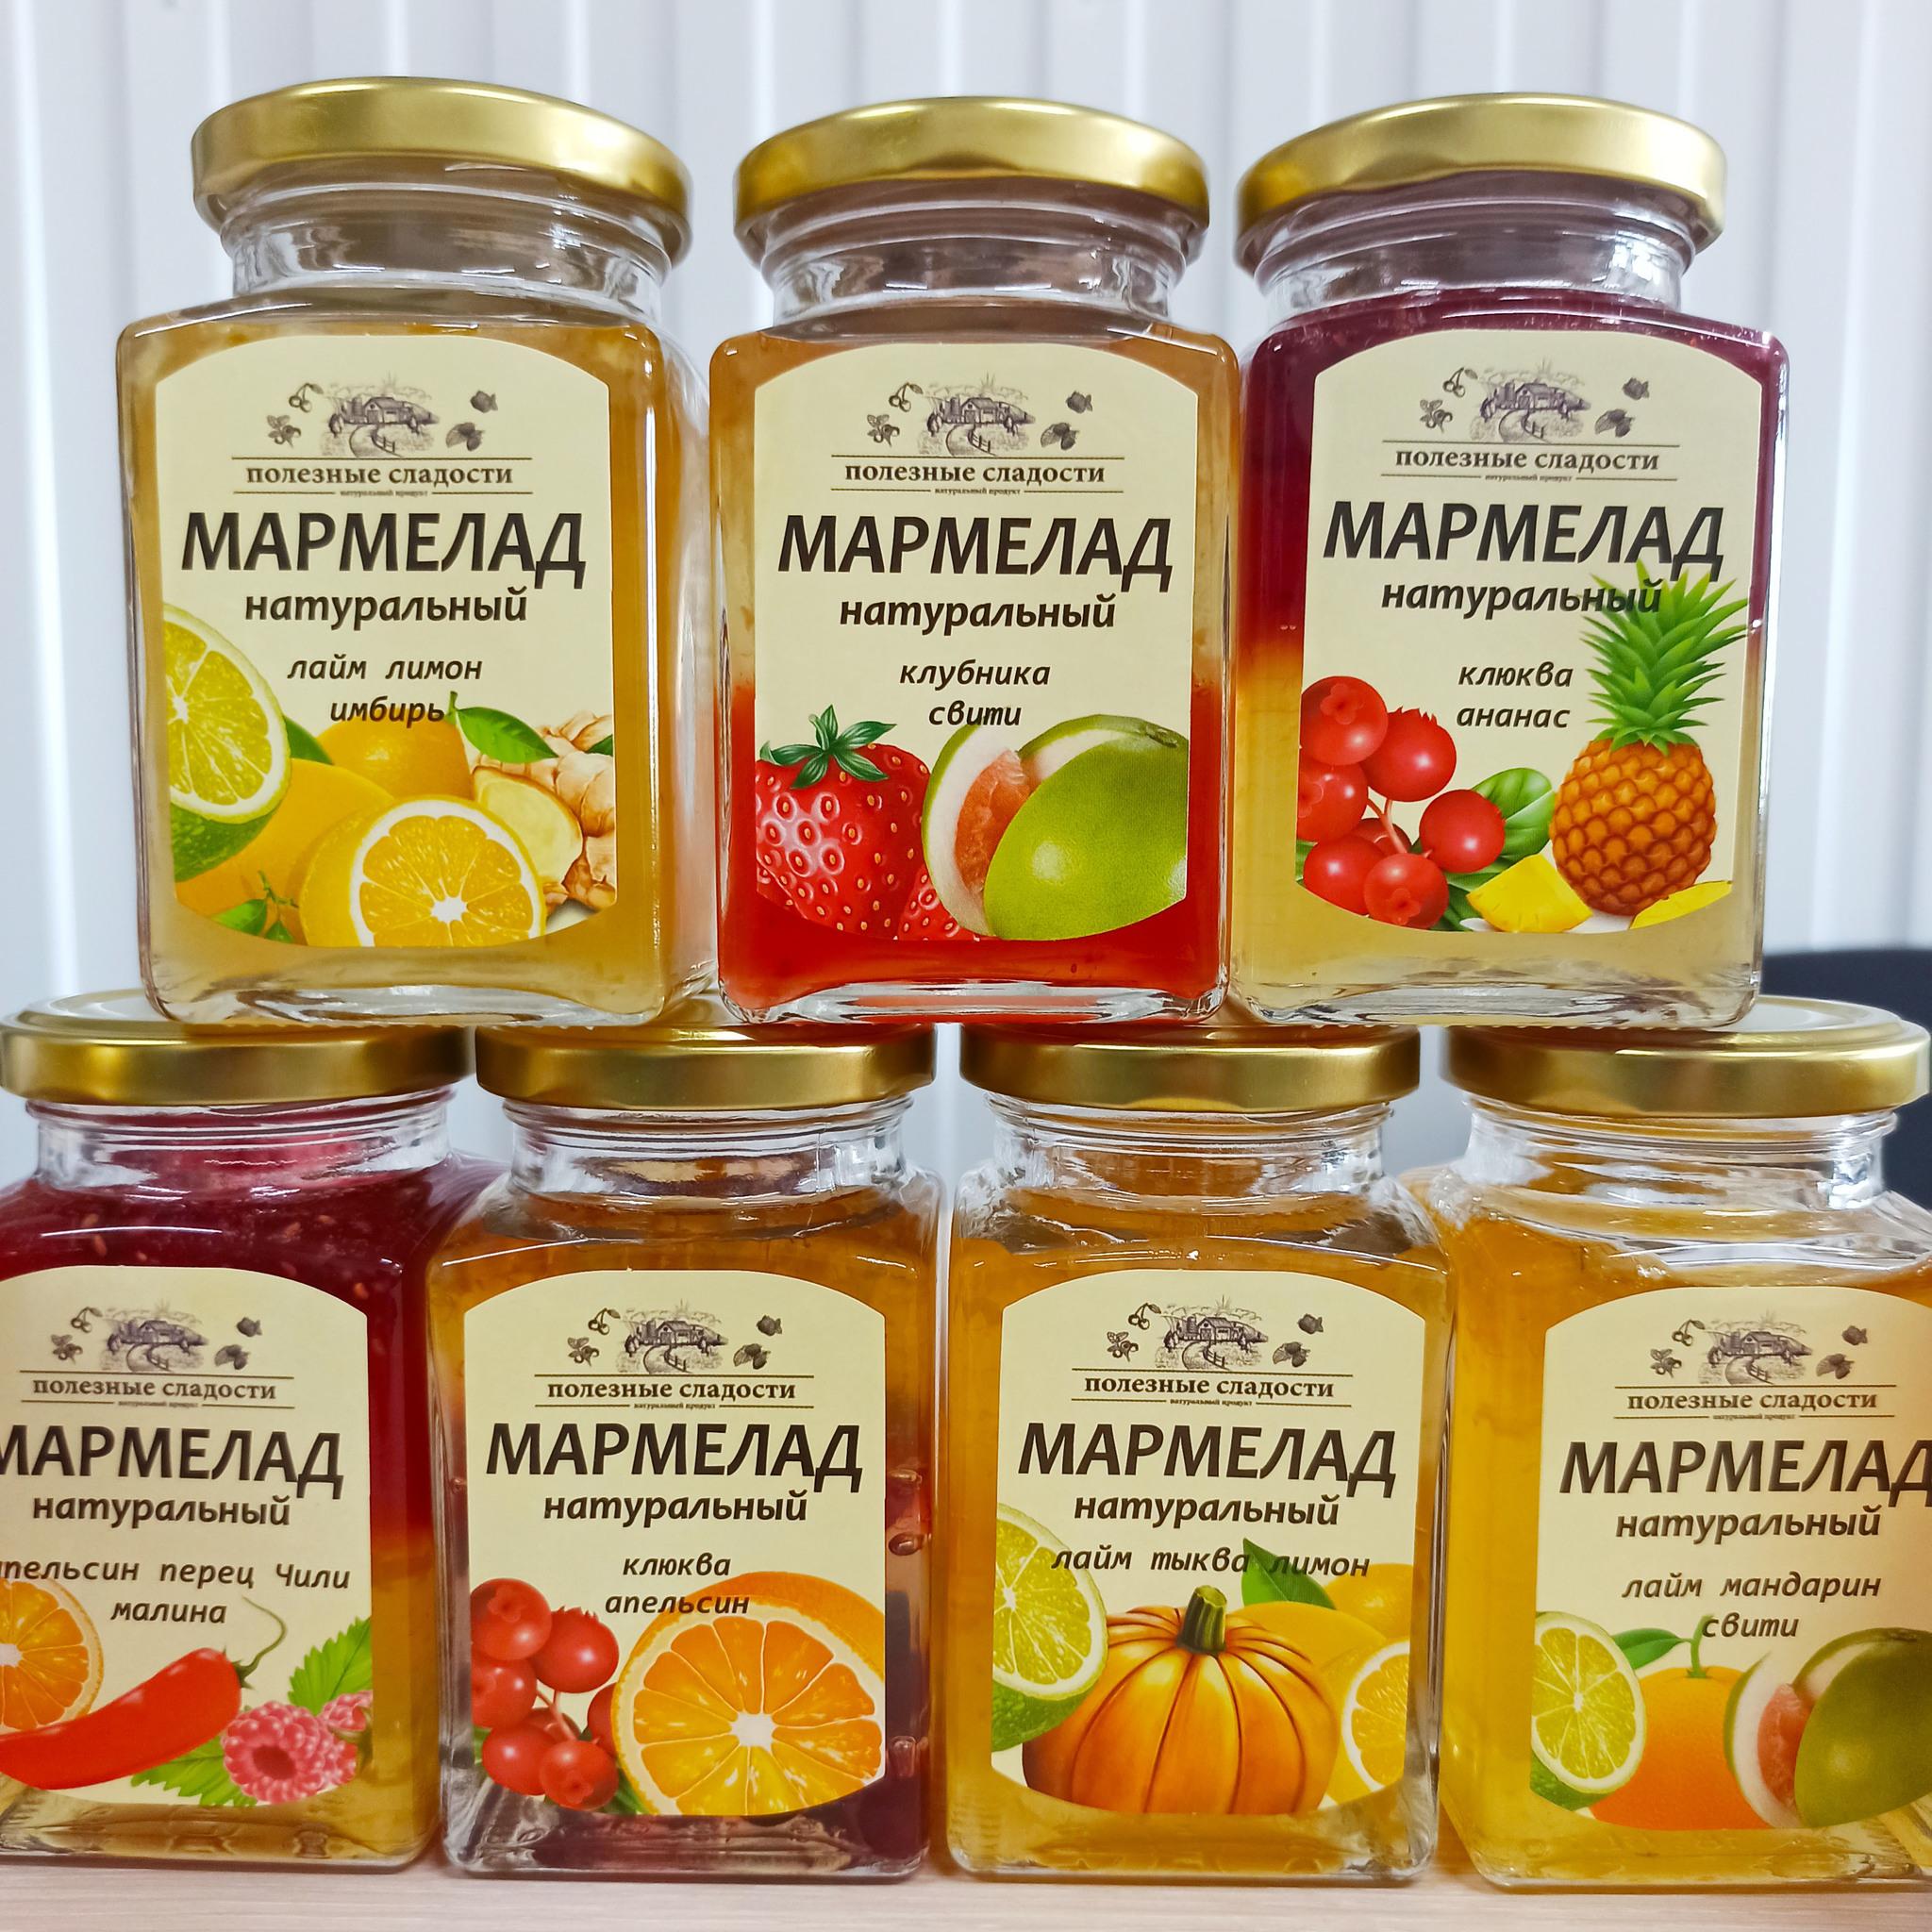 Фотография Натуральный мармелад «Апельсин + Перец Чили + Малина» / 250 мл купить в магазине Афлора